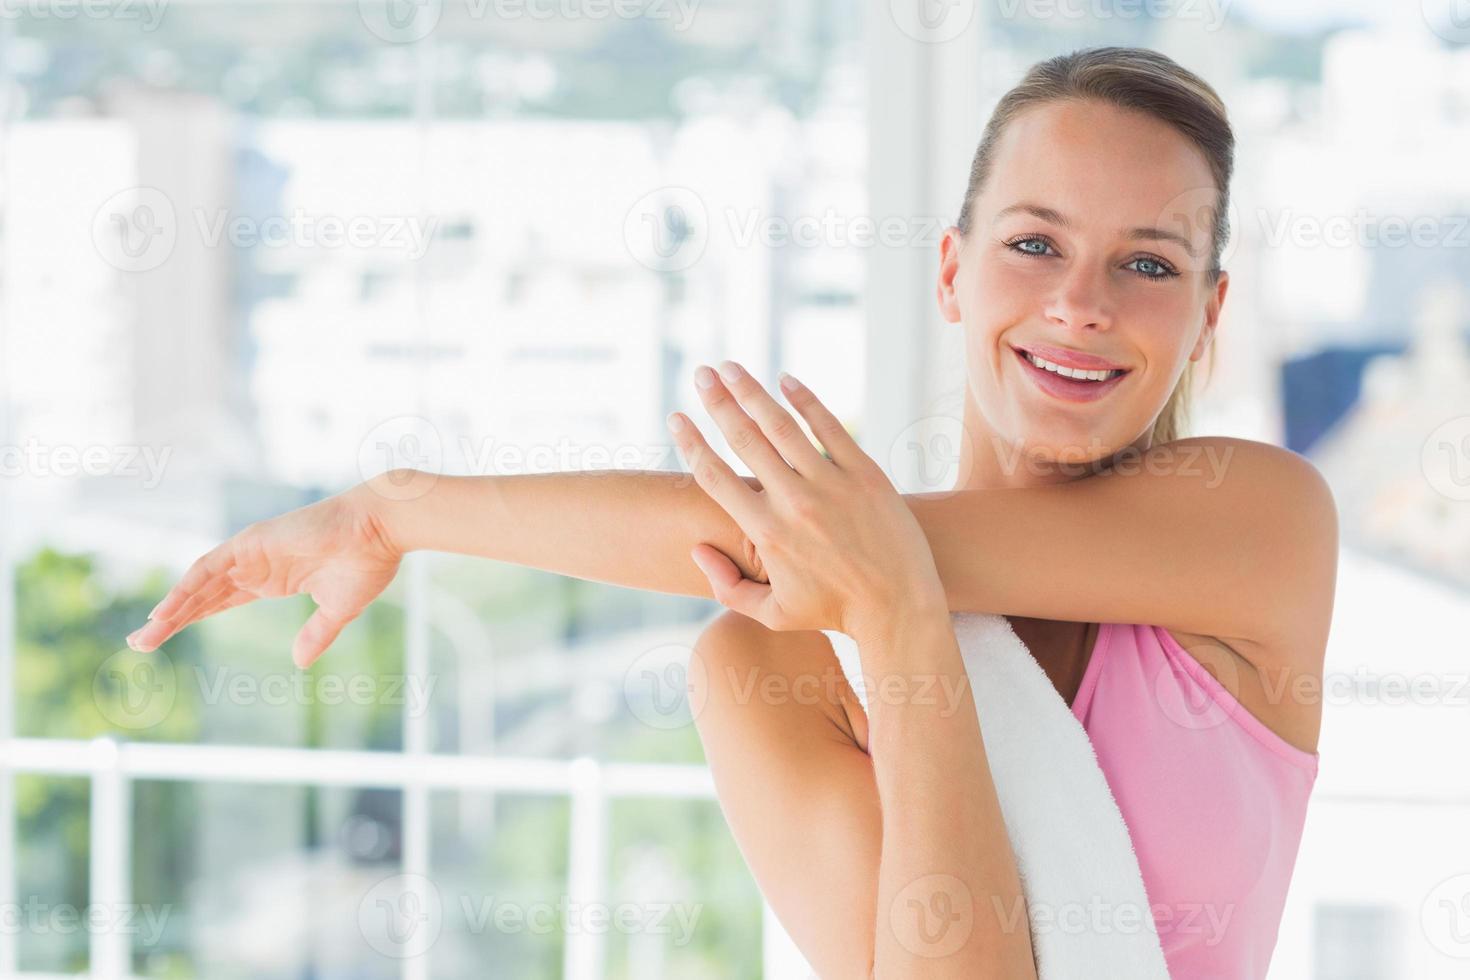 sportliche junge Frau, die Hände im Yoga-Kurs streckt foto